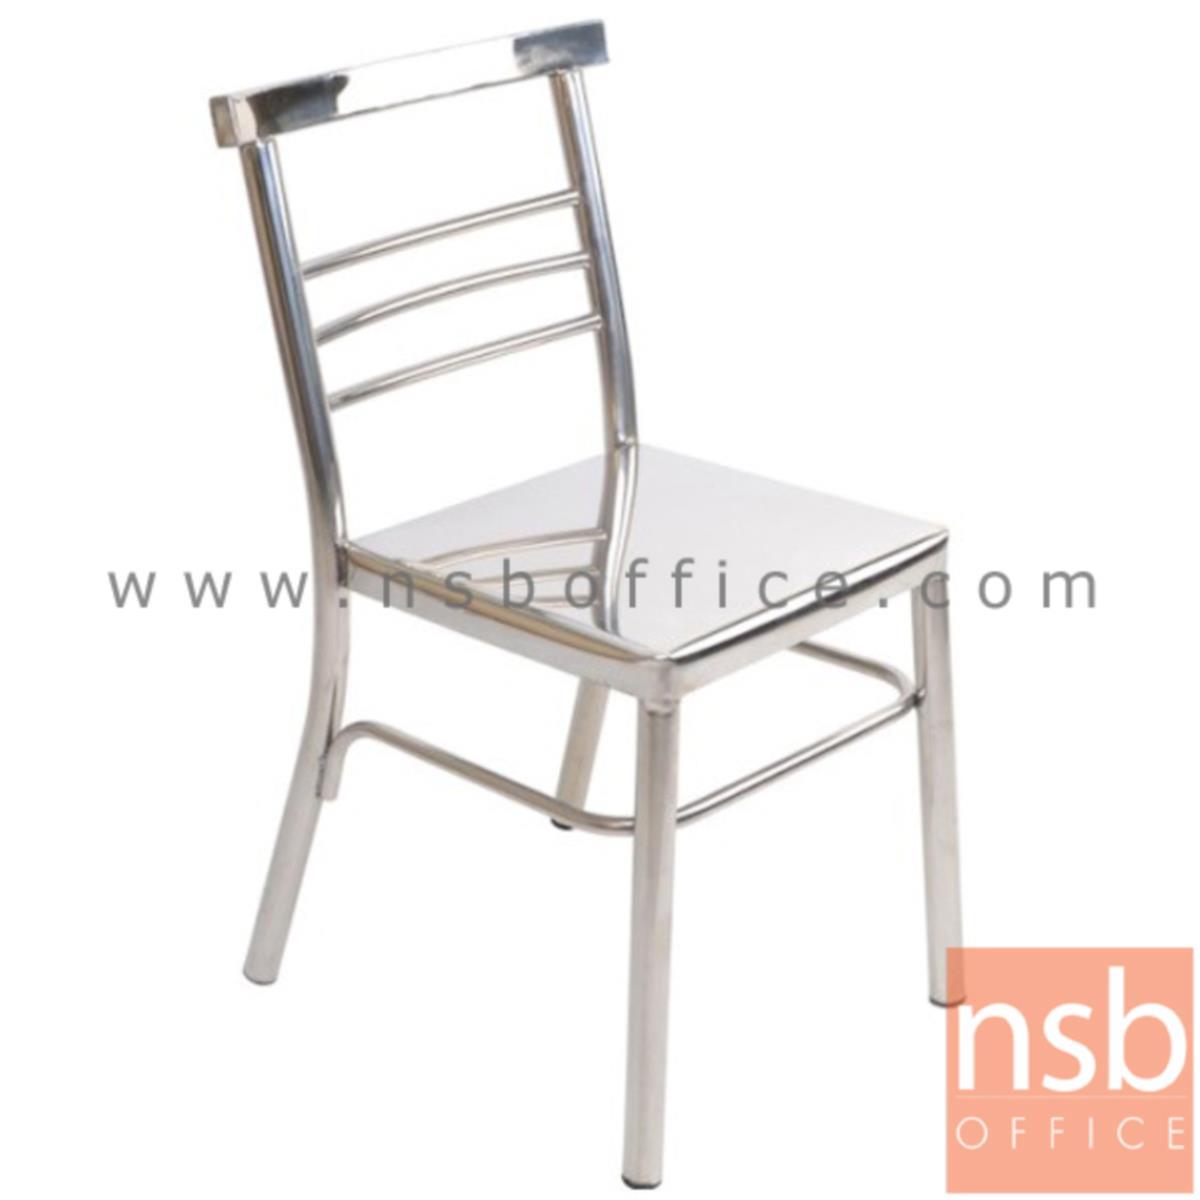 G12A090:เก้าอี้อเนกประสงค์สแตนเลส รุ่น Bethel (เลเทล)  ขาสเตนเลส